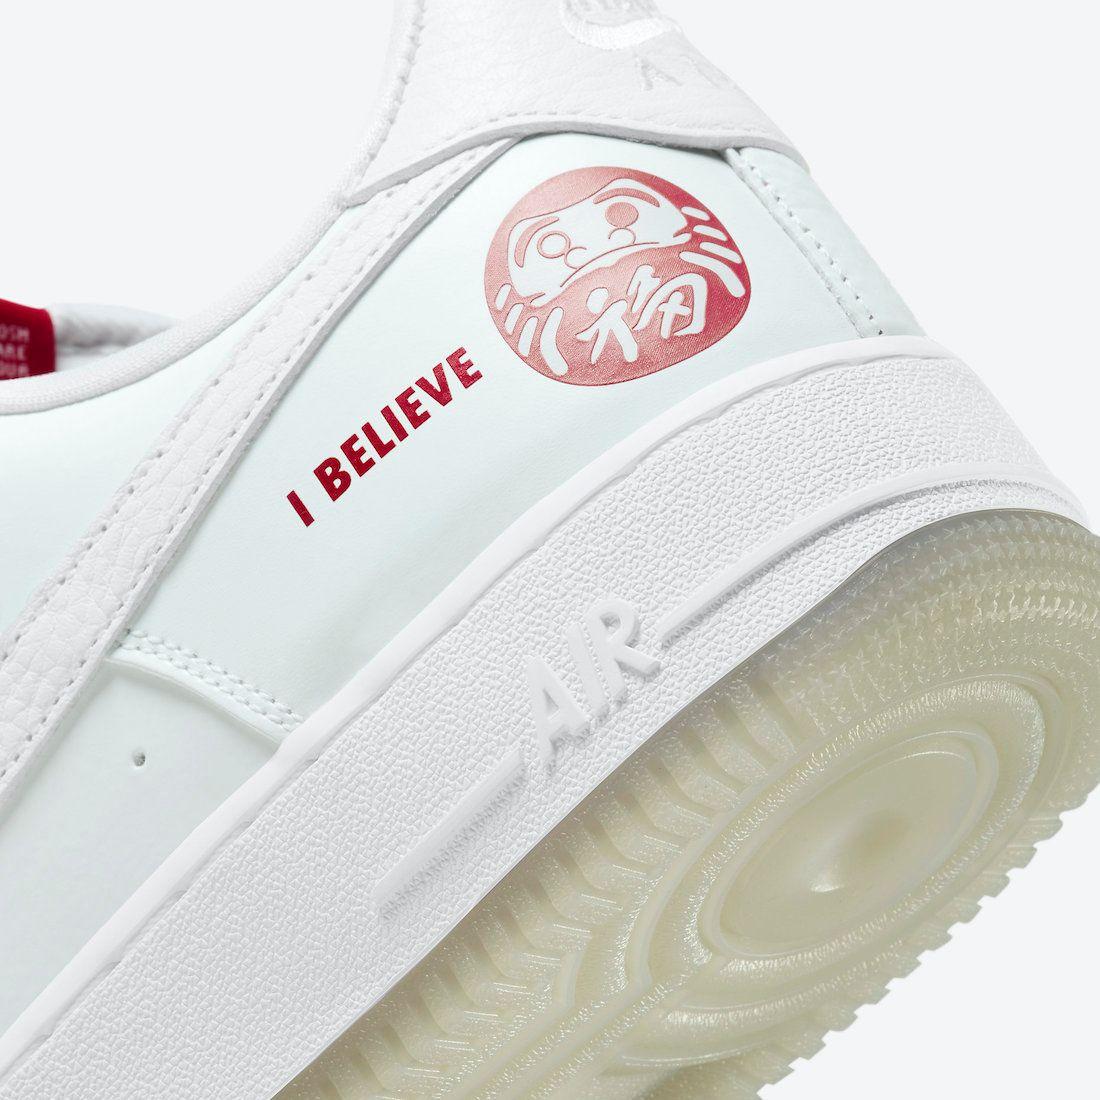 Nike Air Force 1 I Believe